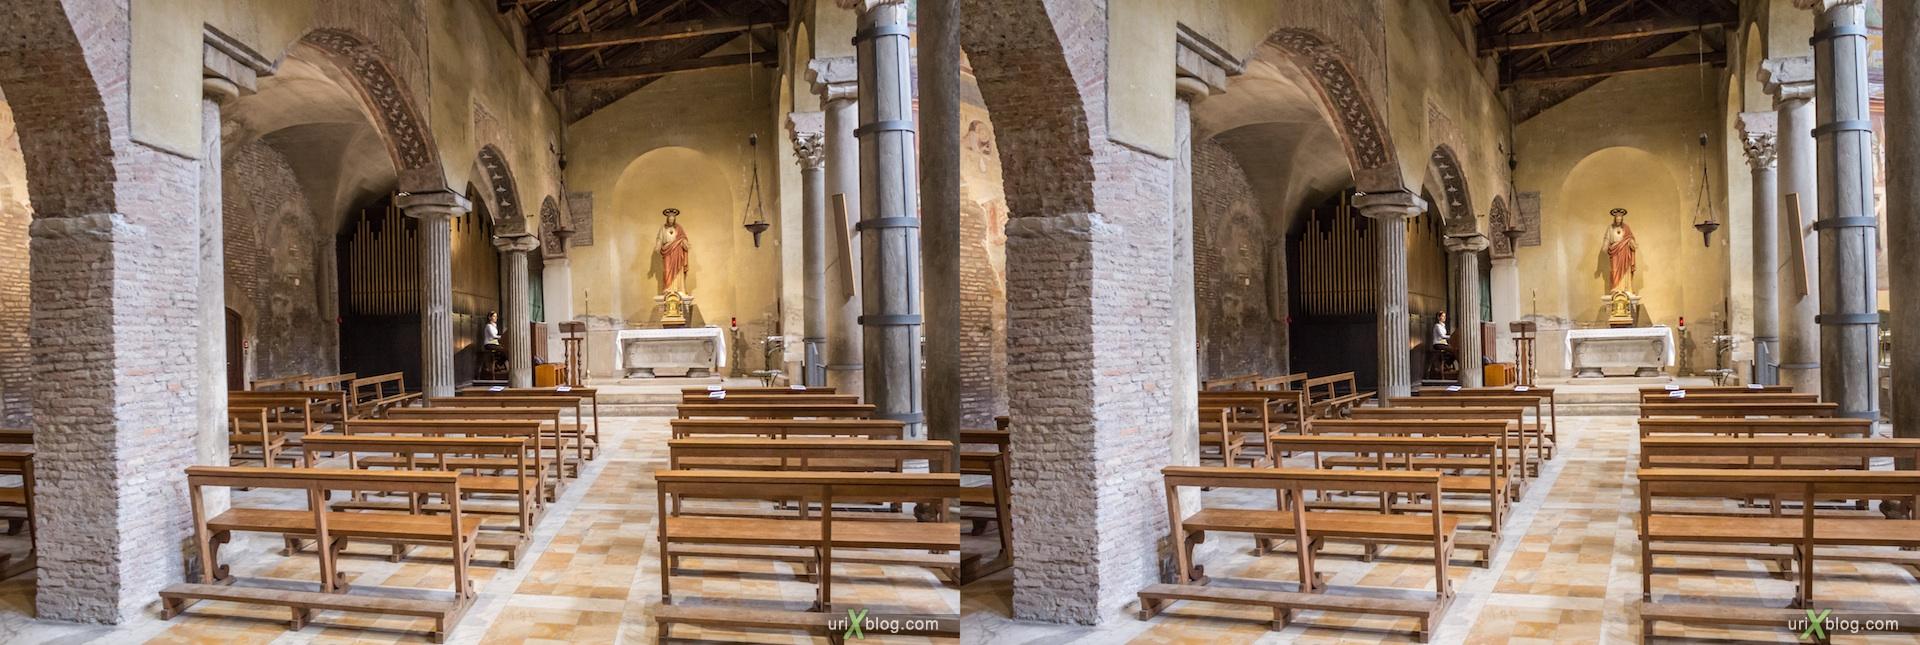 2012, церковь di San Saba, собор, христианство, католичество, Рим, Италия, осень, 3D, перекрёстные стереопары, стерео, стереопара, стереопары